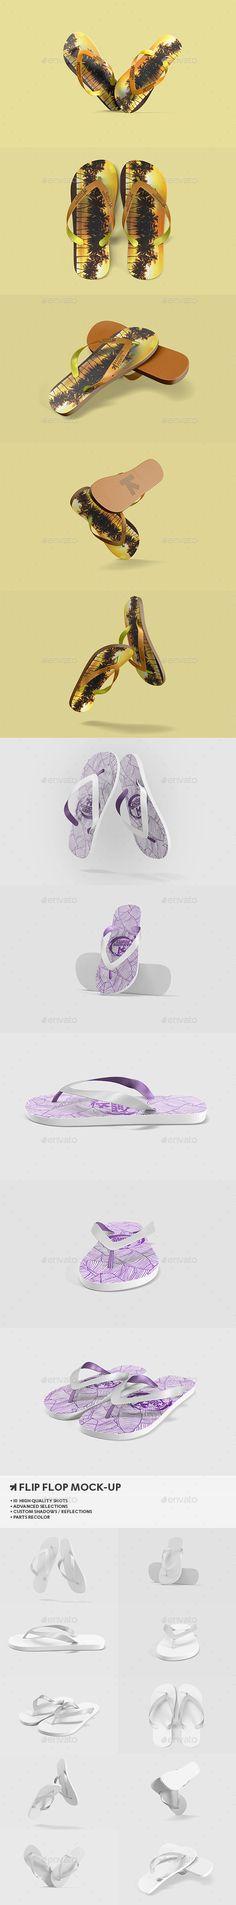 Flip Flops / Sandals Mock-Up - Miscellaneous Apparel - Design #display #mockups